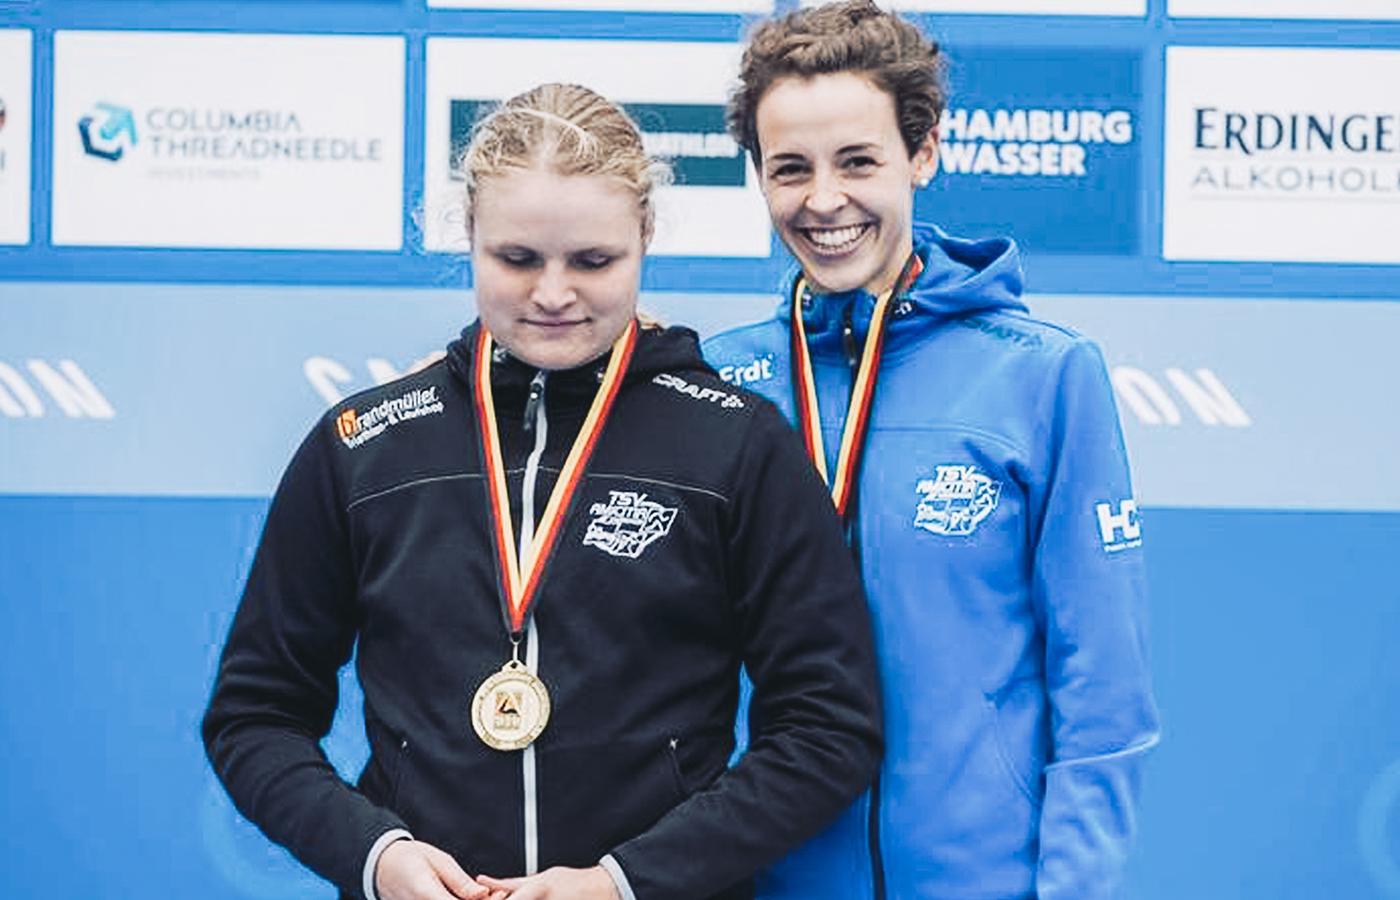 Lena Dieter